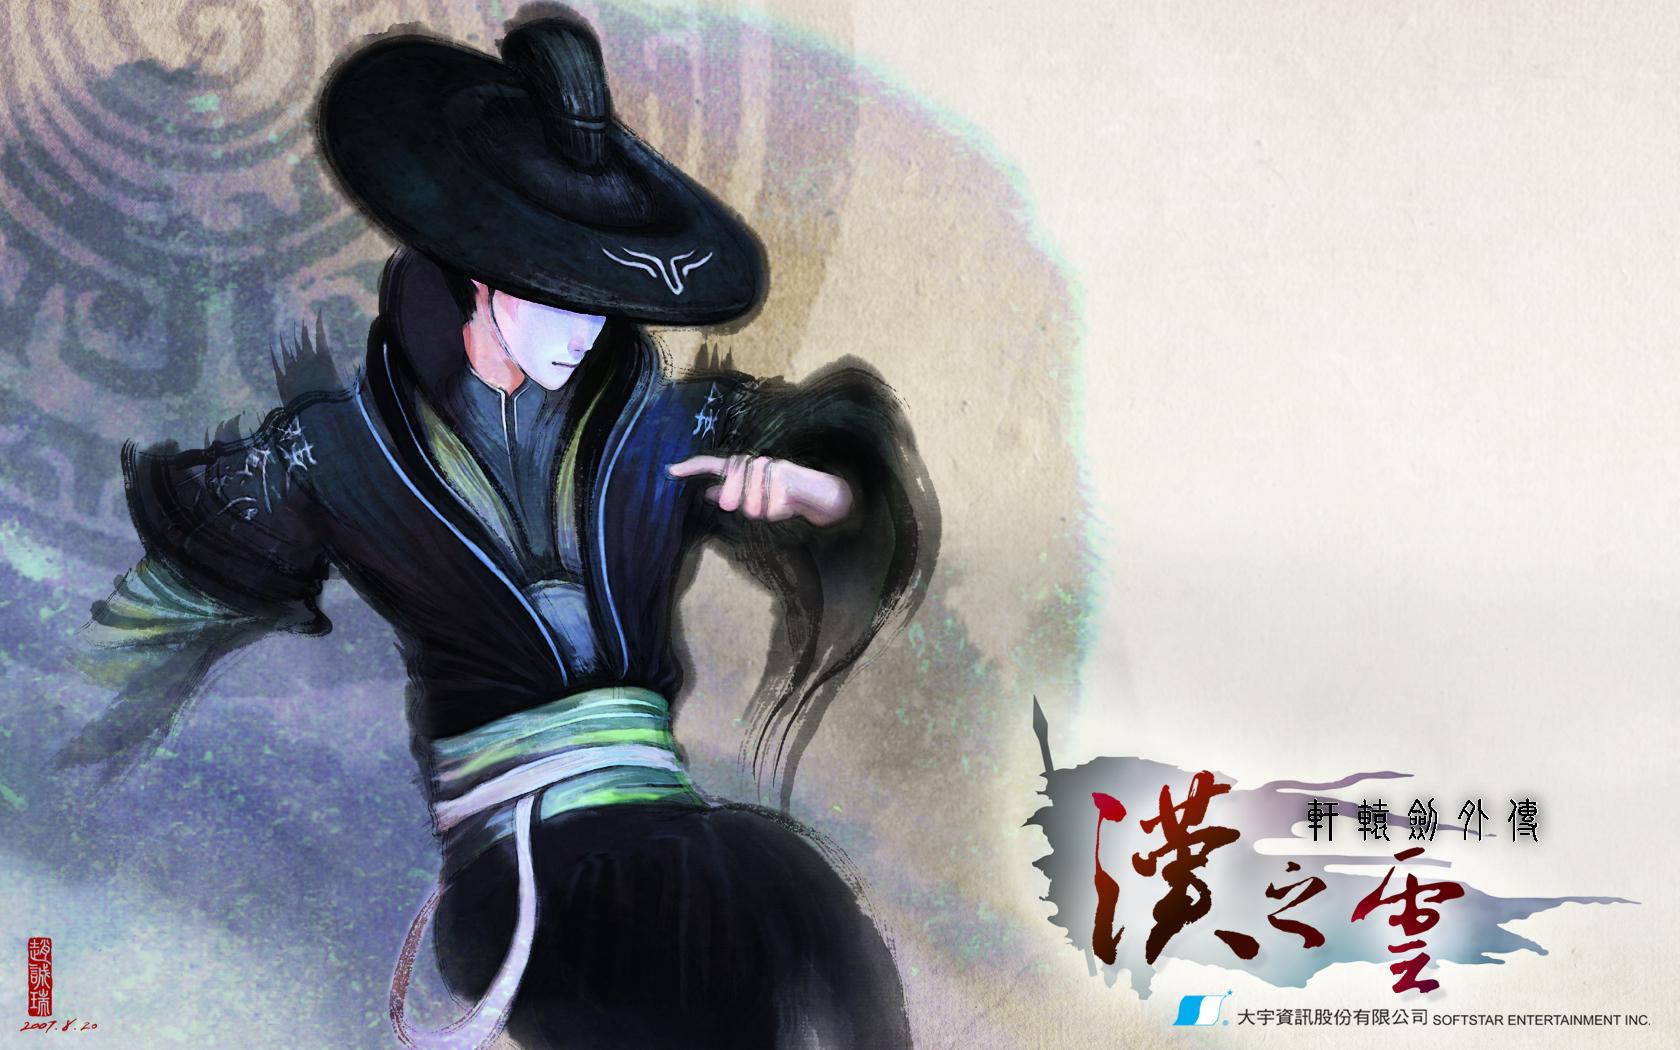 《轩辕剑外传·汉之云》多种分辨率壁纸集(34)